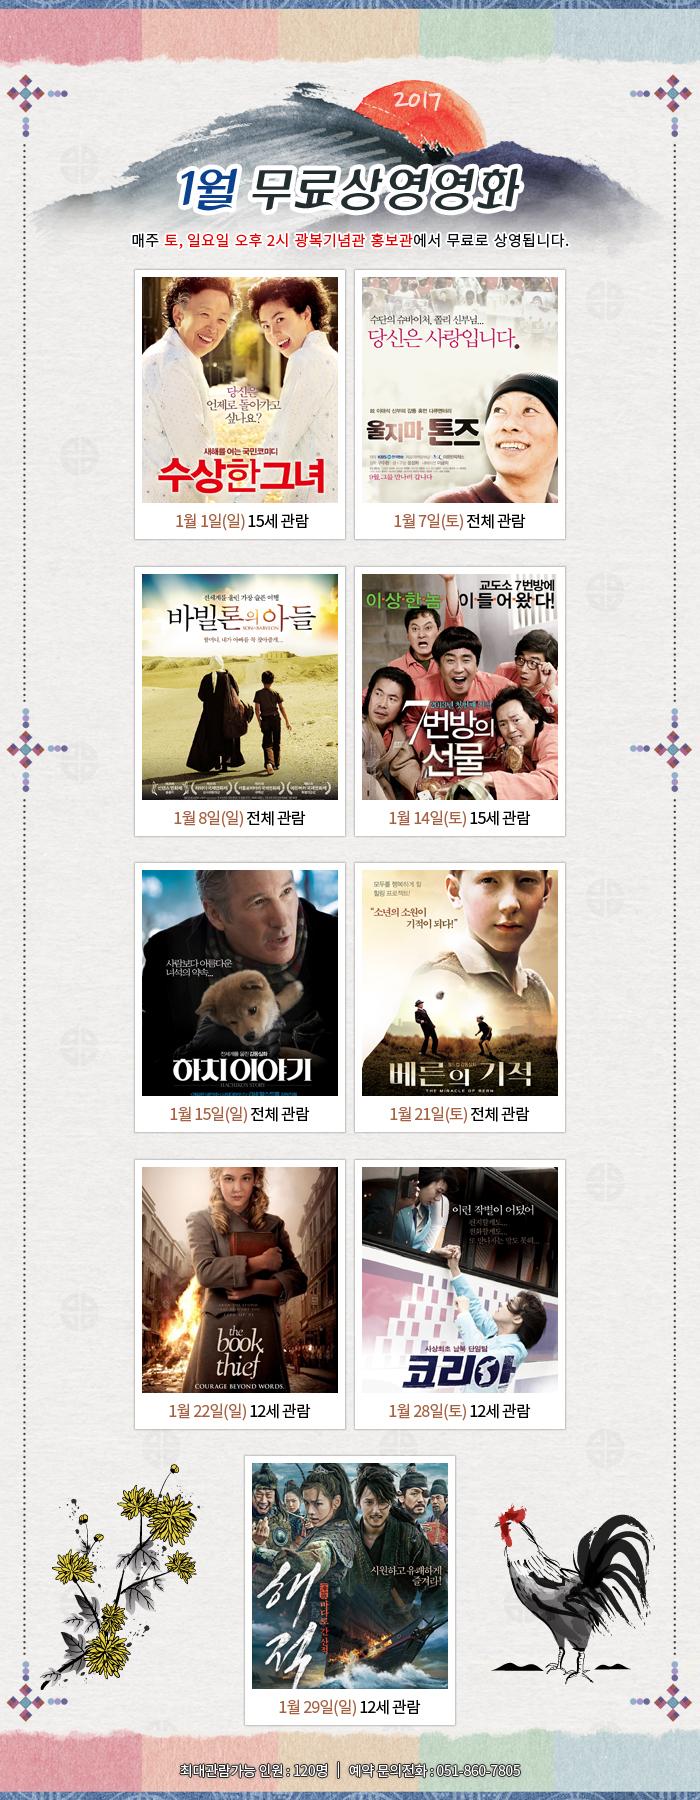 광복기념관 무료영화상영 안내(2017년 1월) 이미지1번째